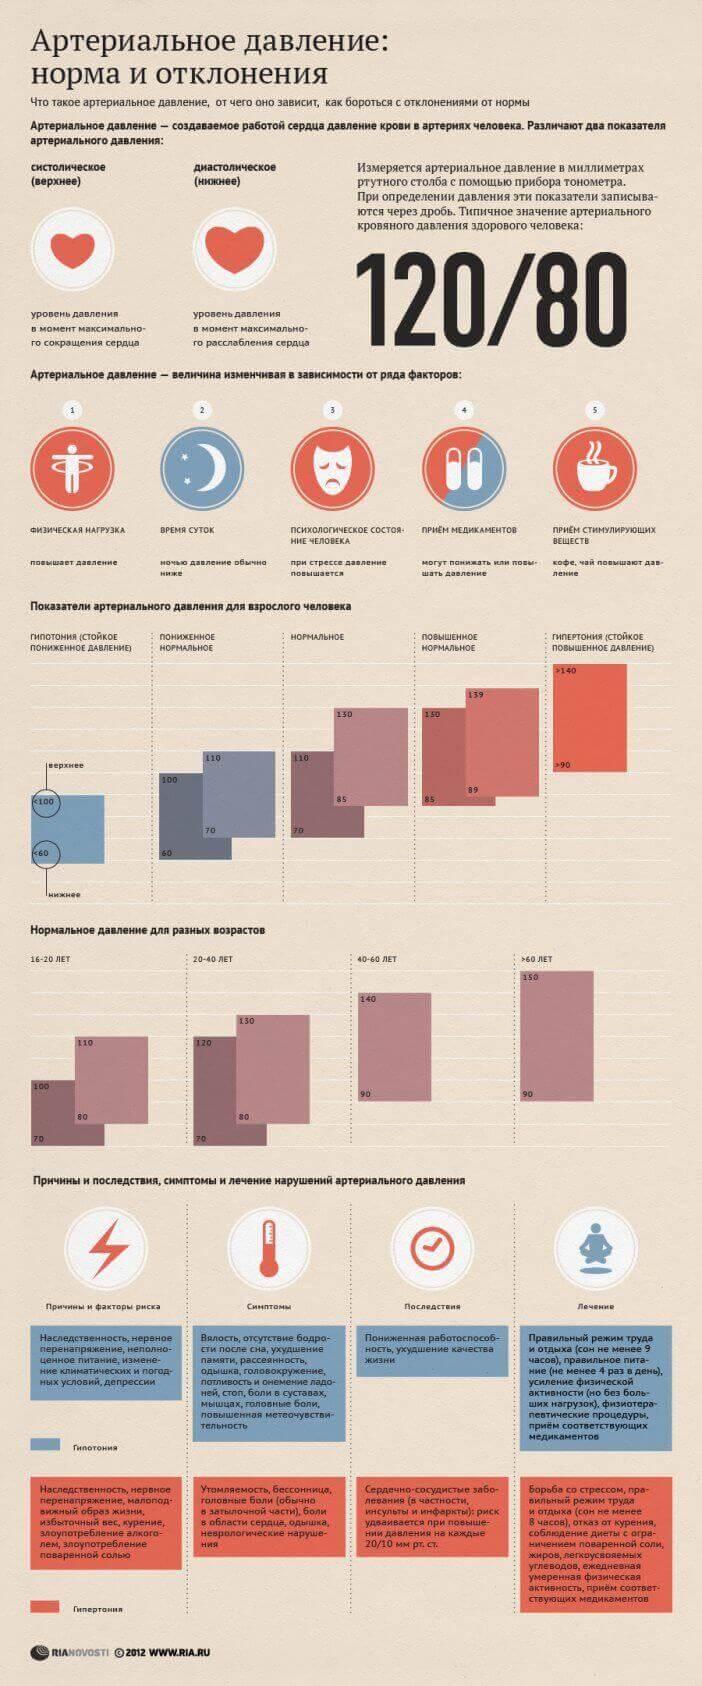 Артеріальний тиск - який повинно бути в нормі? інфографіка